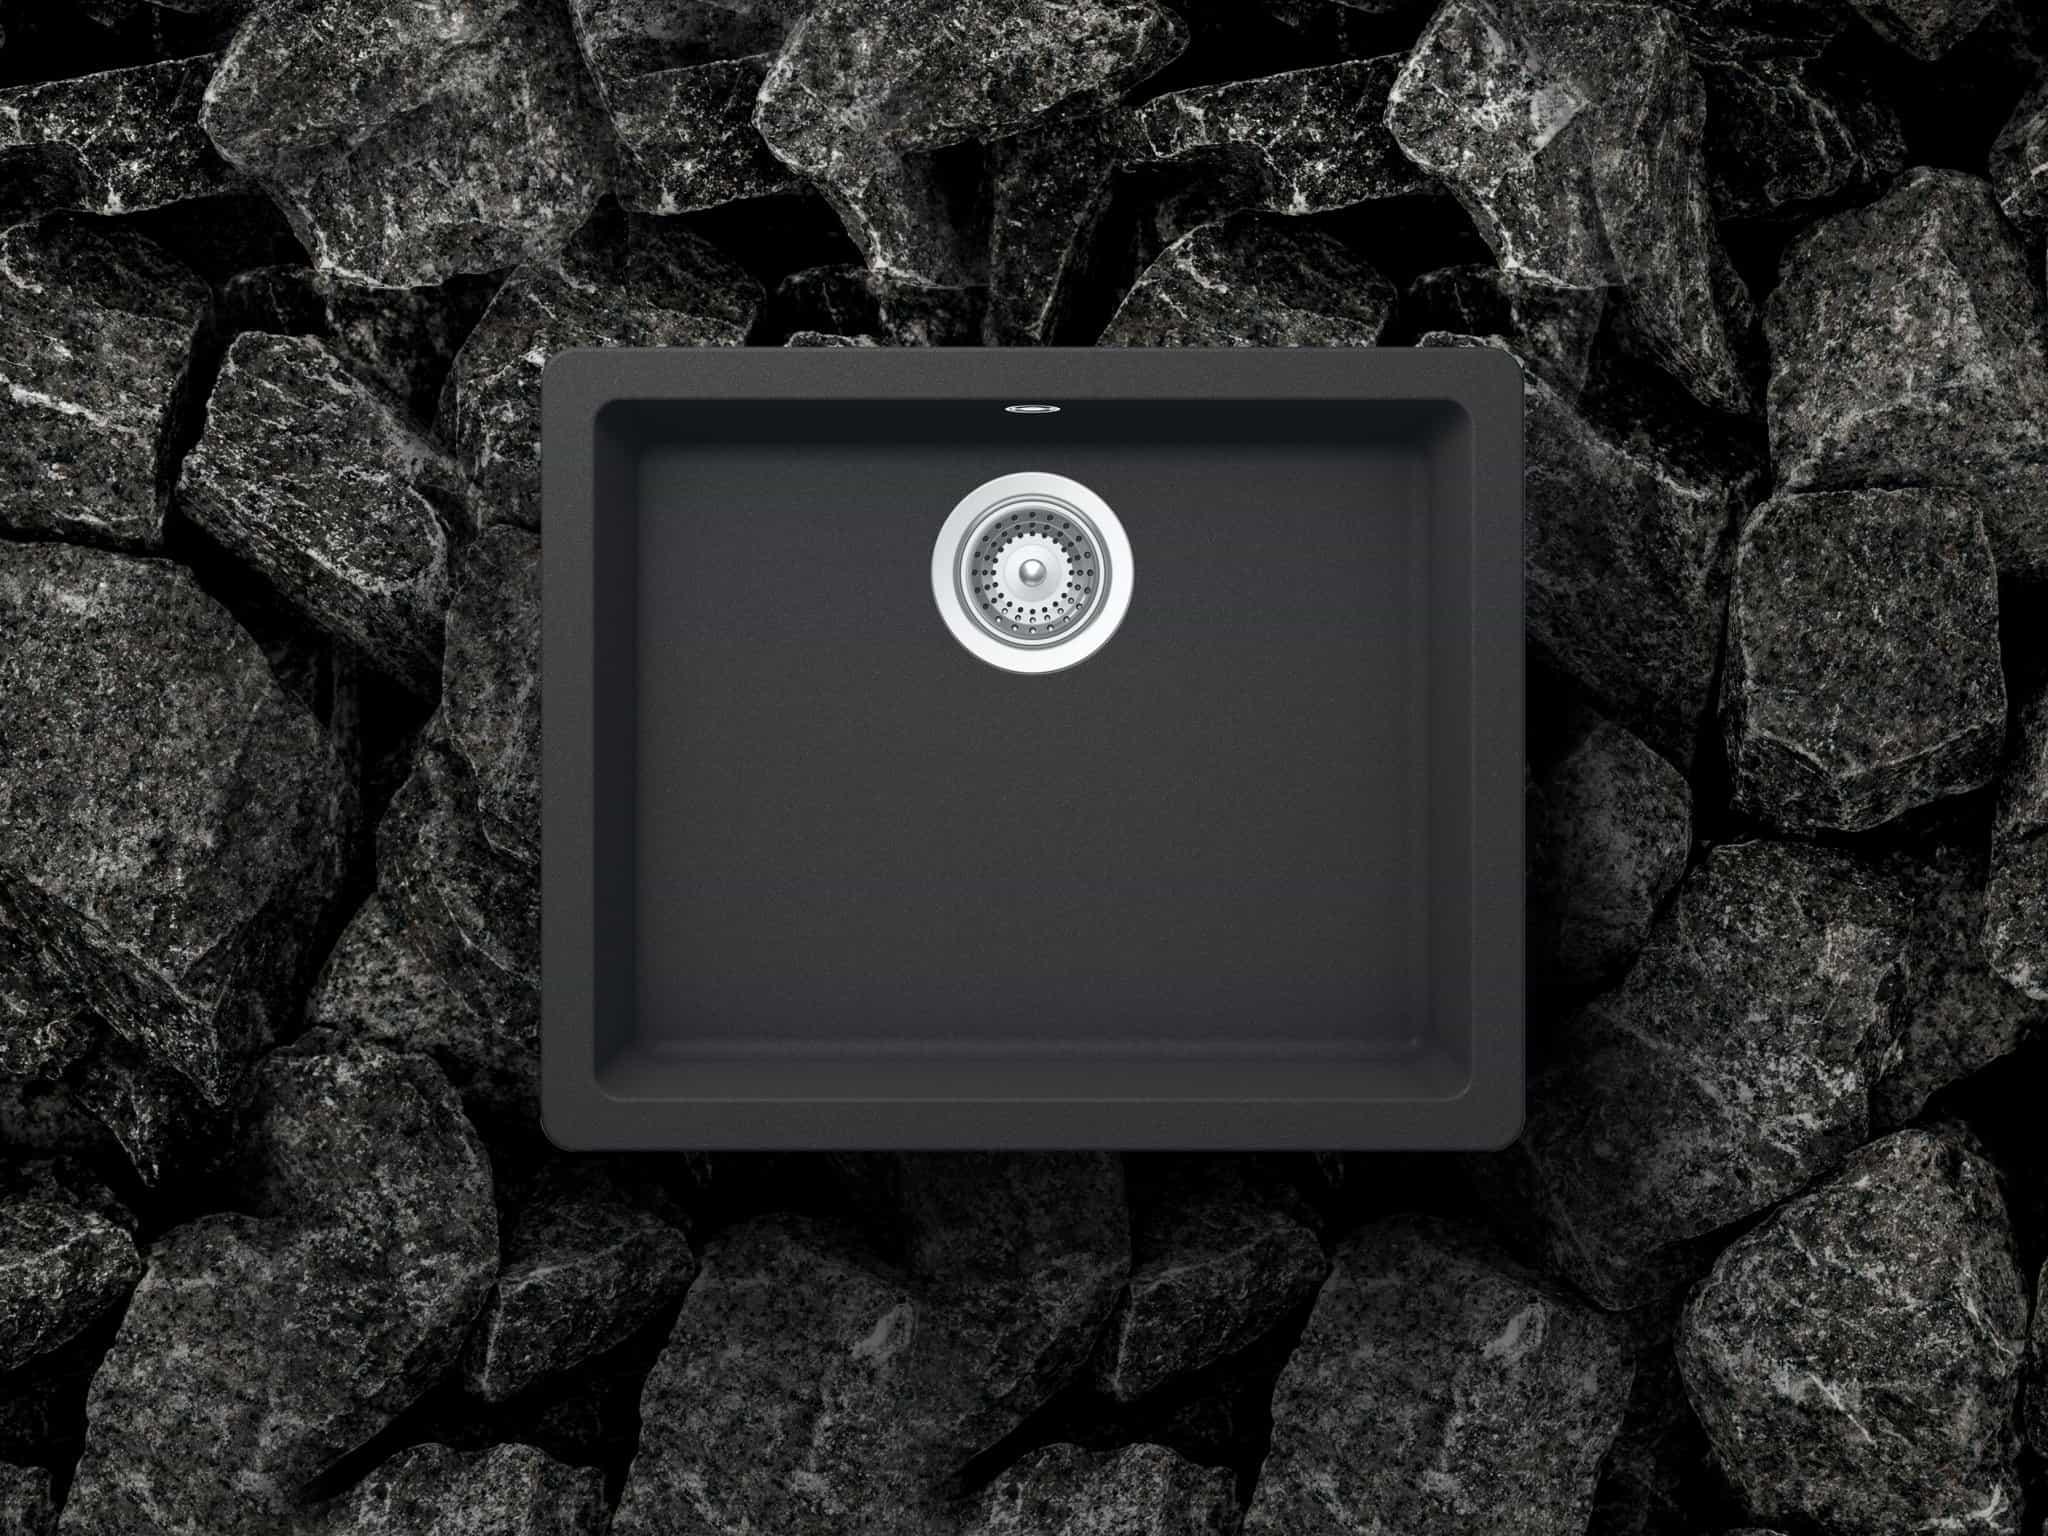 Chậu đá granite Häfele 100% sản xuất tại Đức với nhiều tính năng nổi trội: chống trầy, chống bám bẩn, chống va đập mạnh, chống mùi, độ bền cao và an toàn với thực phẩm.